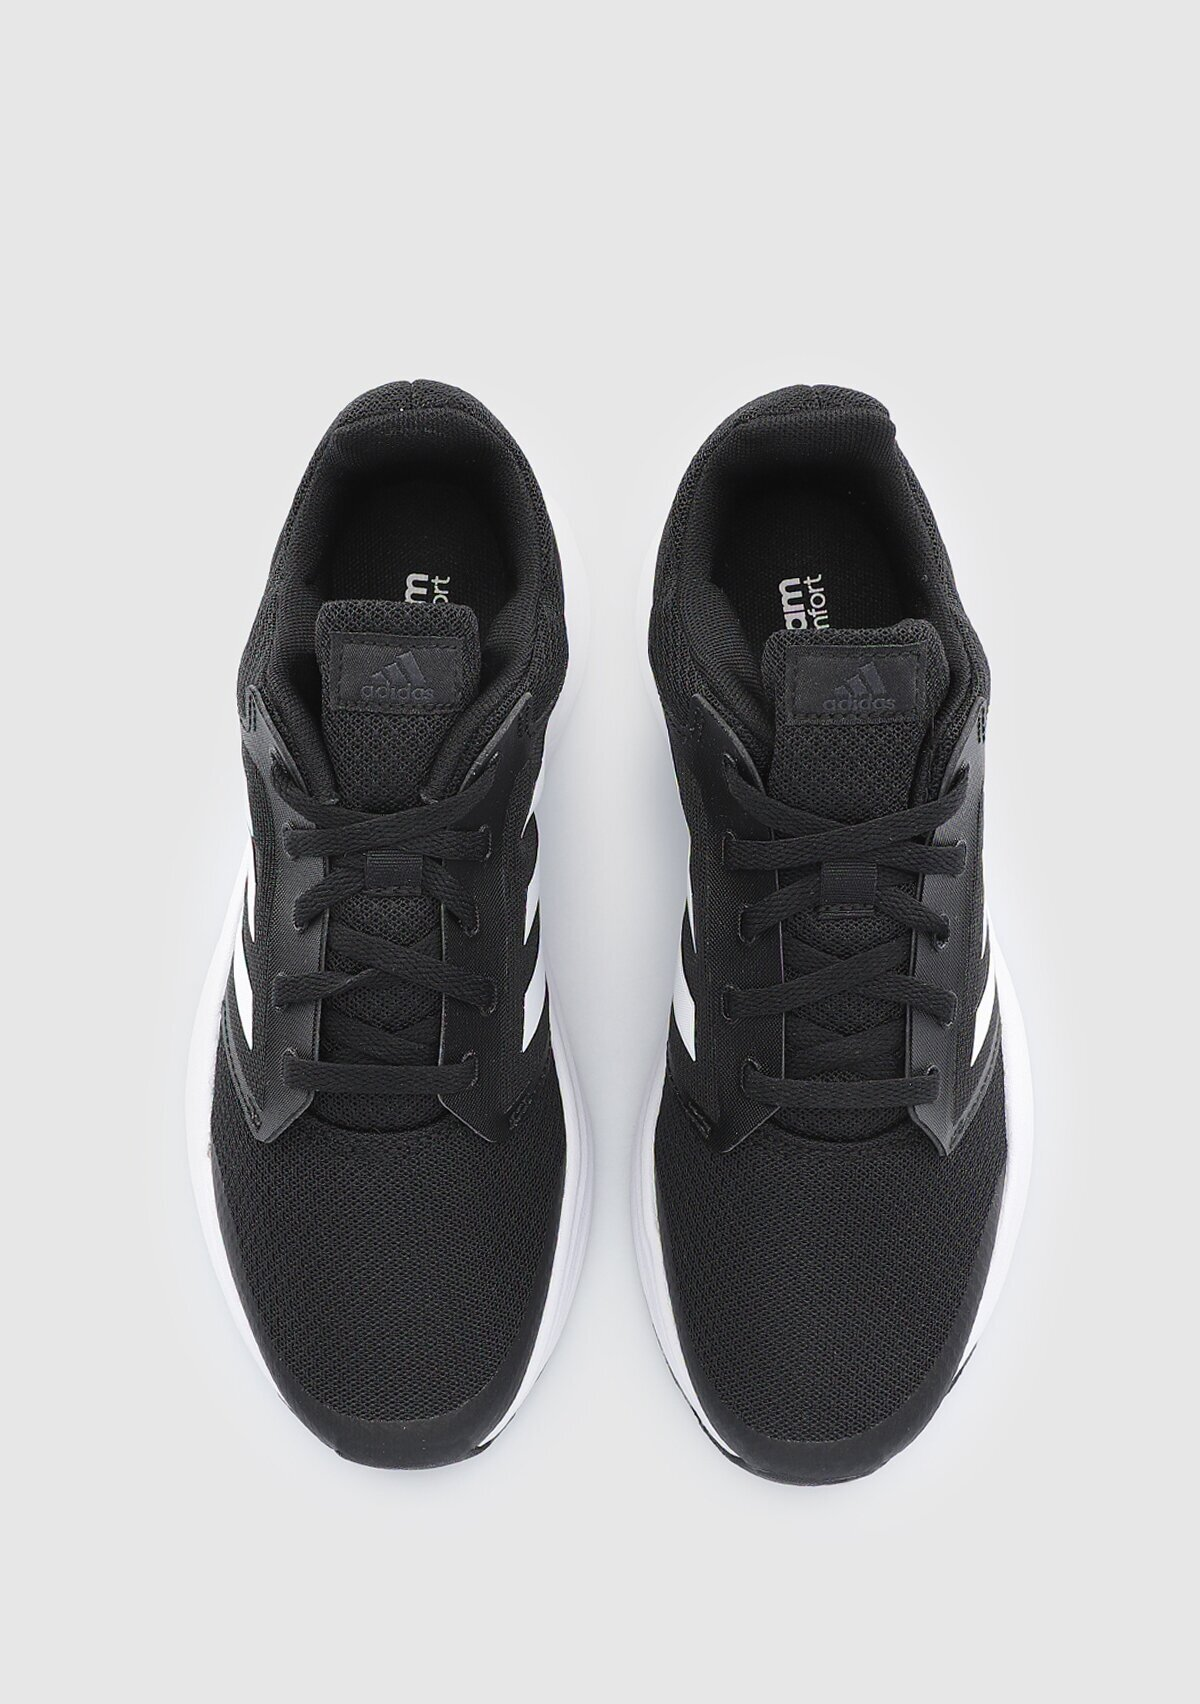 resm Galaxy 5 Siyah Kadın Koşu Ayakkabısı Fw6125